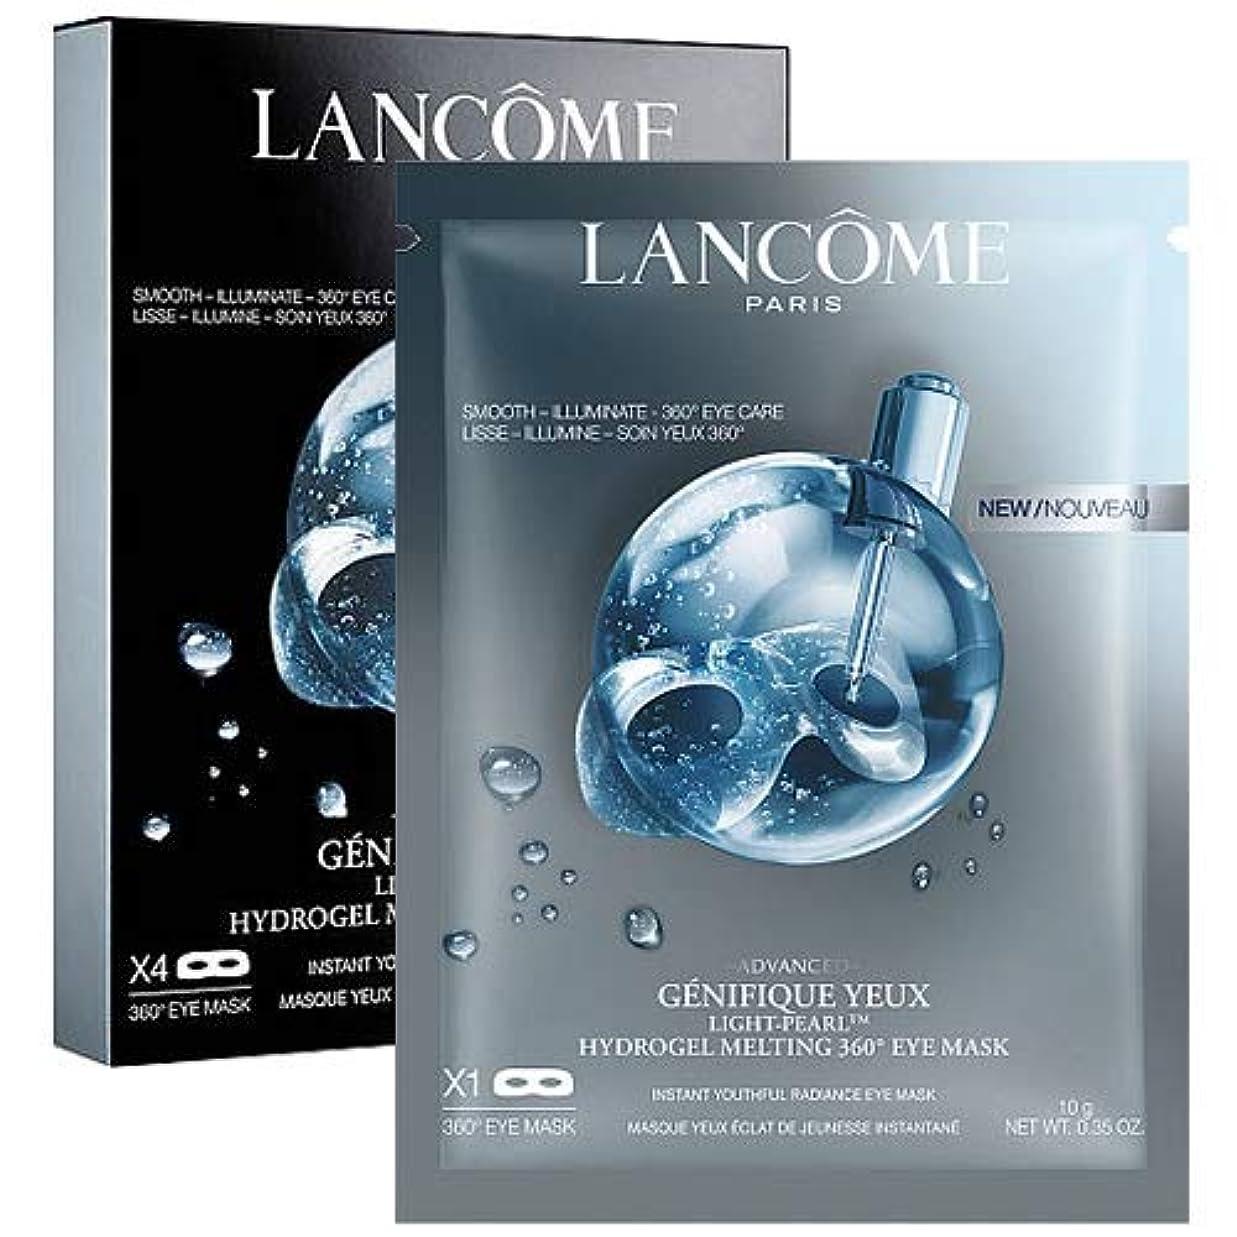 引き潮インフレーション挑むランコム LANCOME ジェニフィック アドバンスト ライトパール ハイドロジェル メルティング 360 アイ マスク 7枚x10g [並行輸入品]